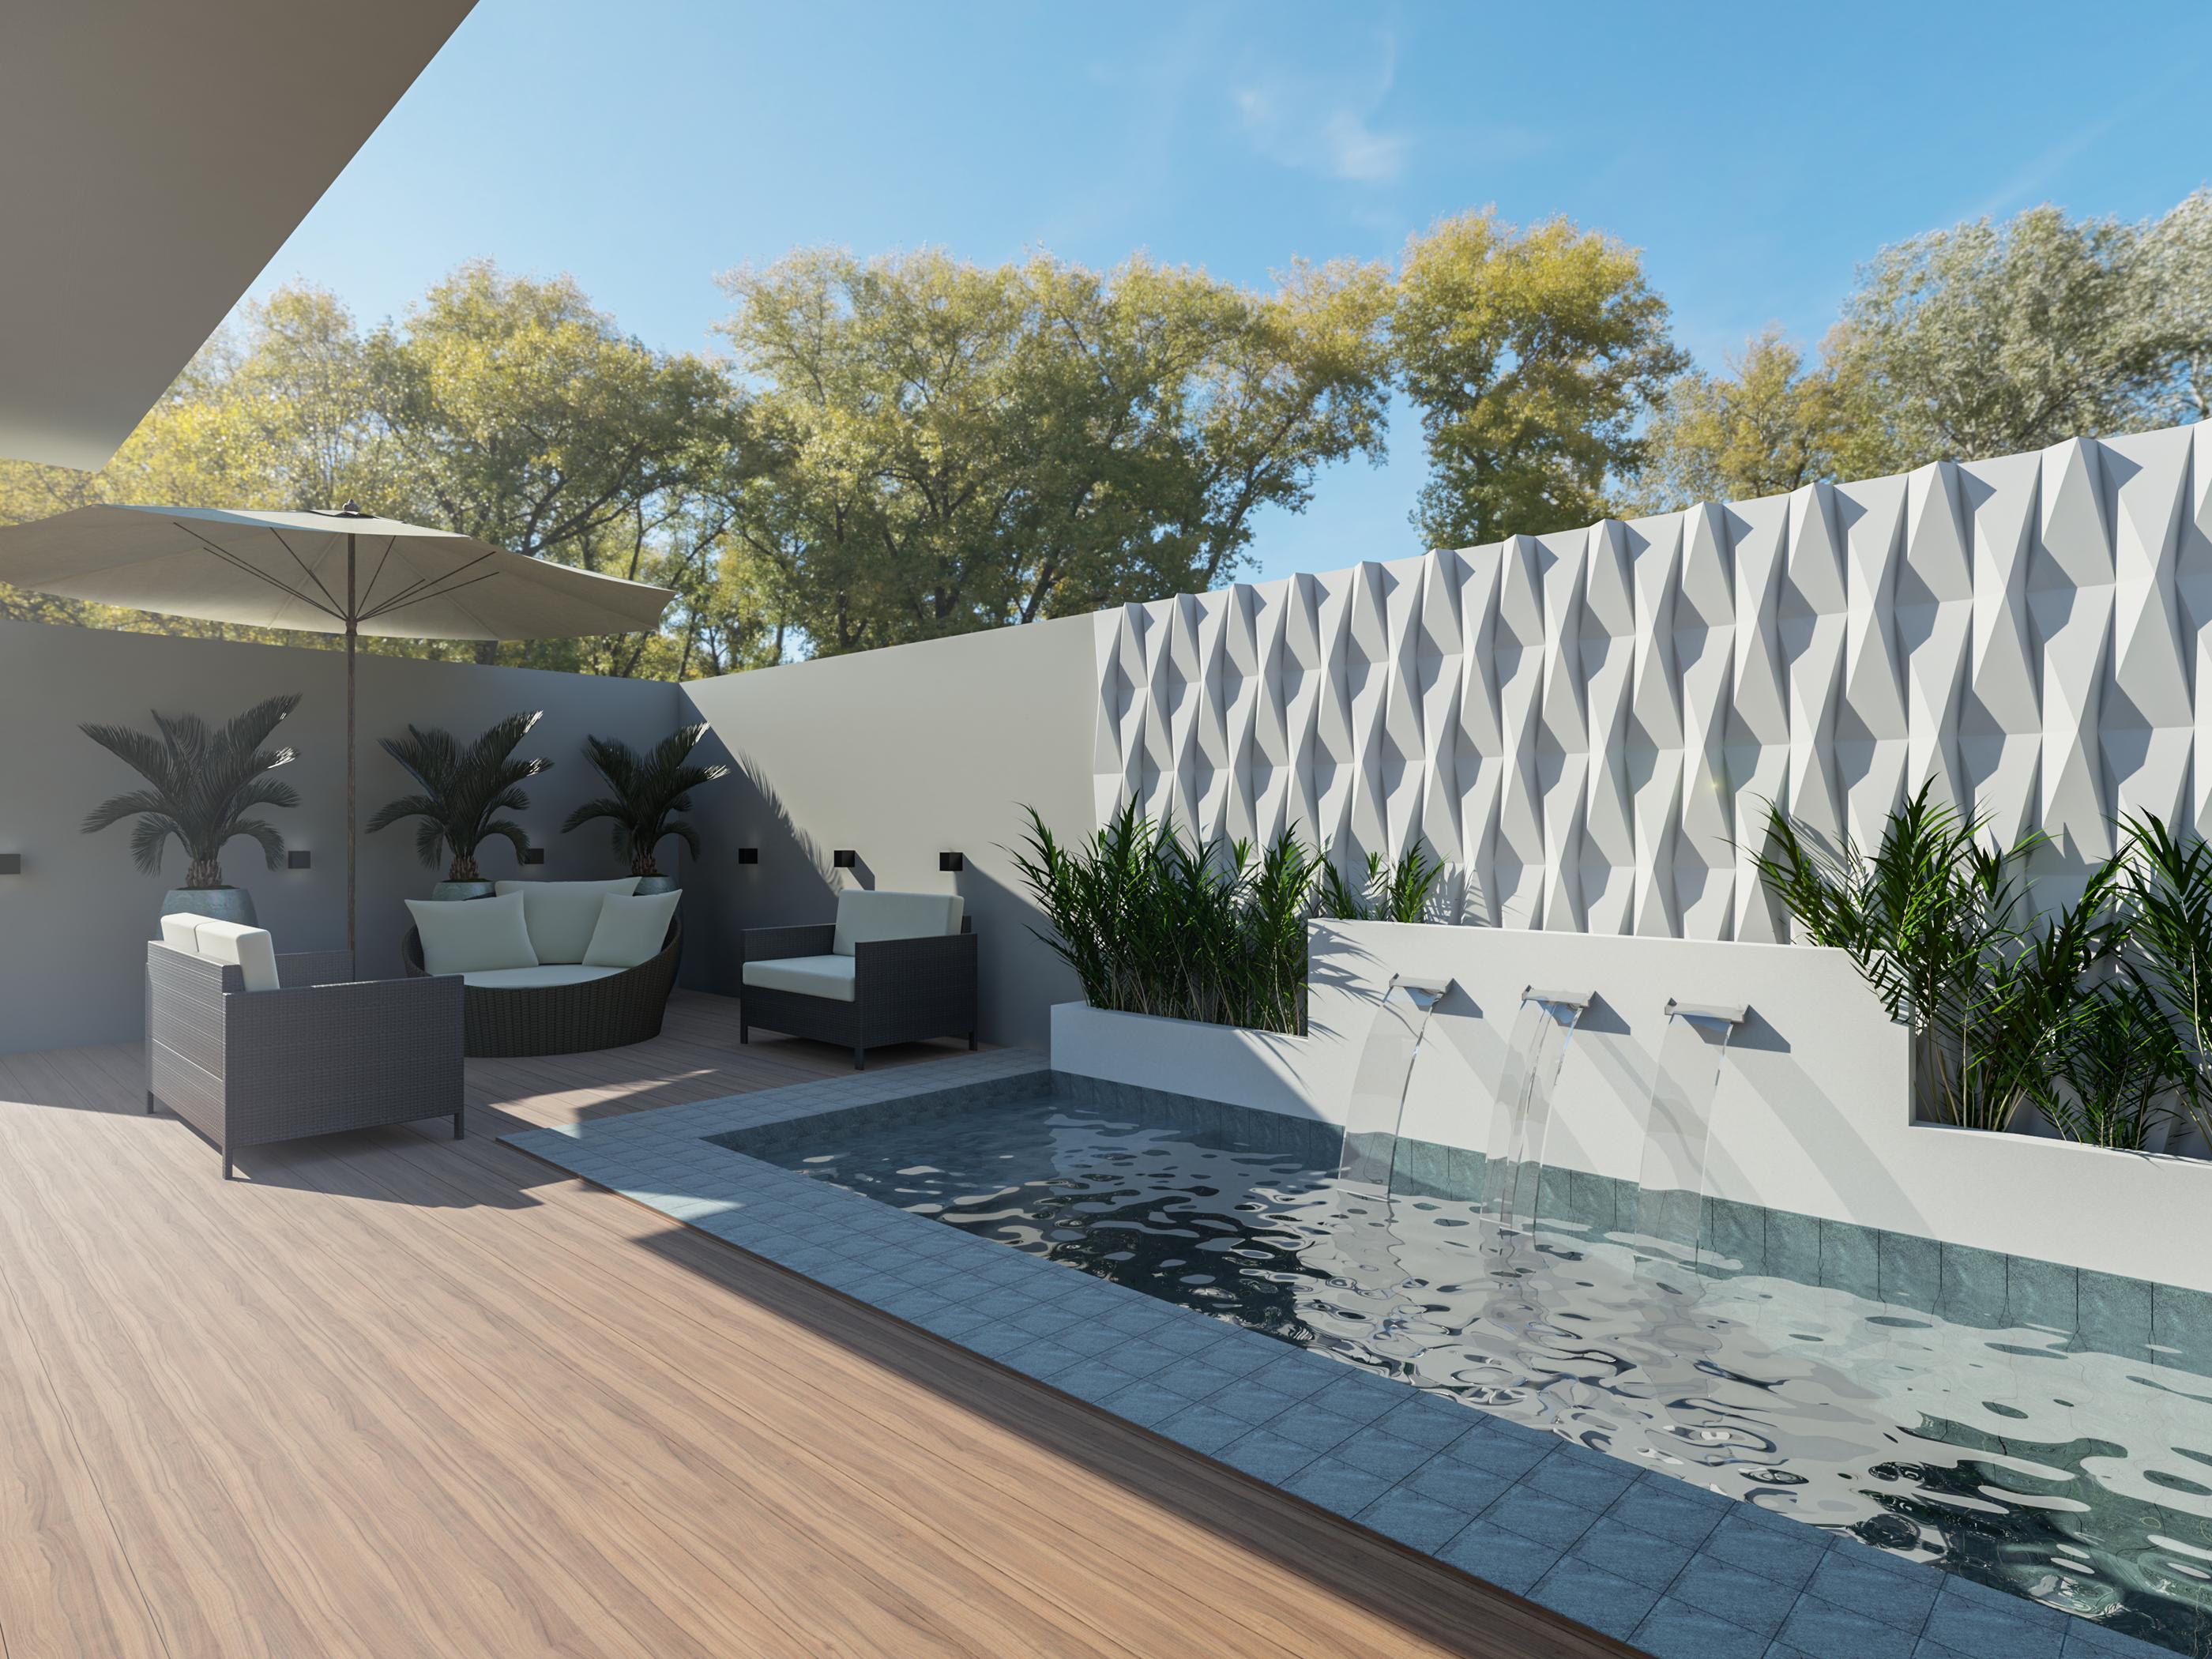 Residência de 250 m² projetada por Monica Pajewski prevê piscina.